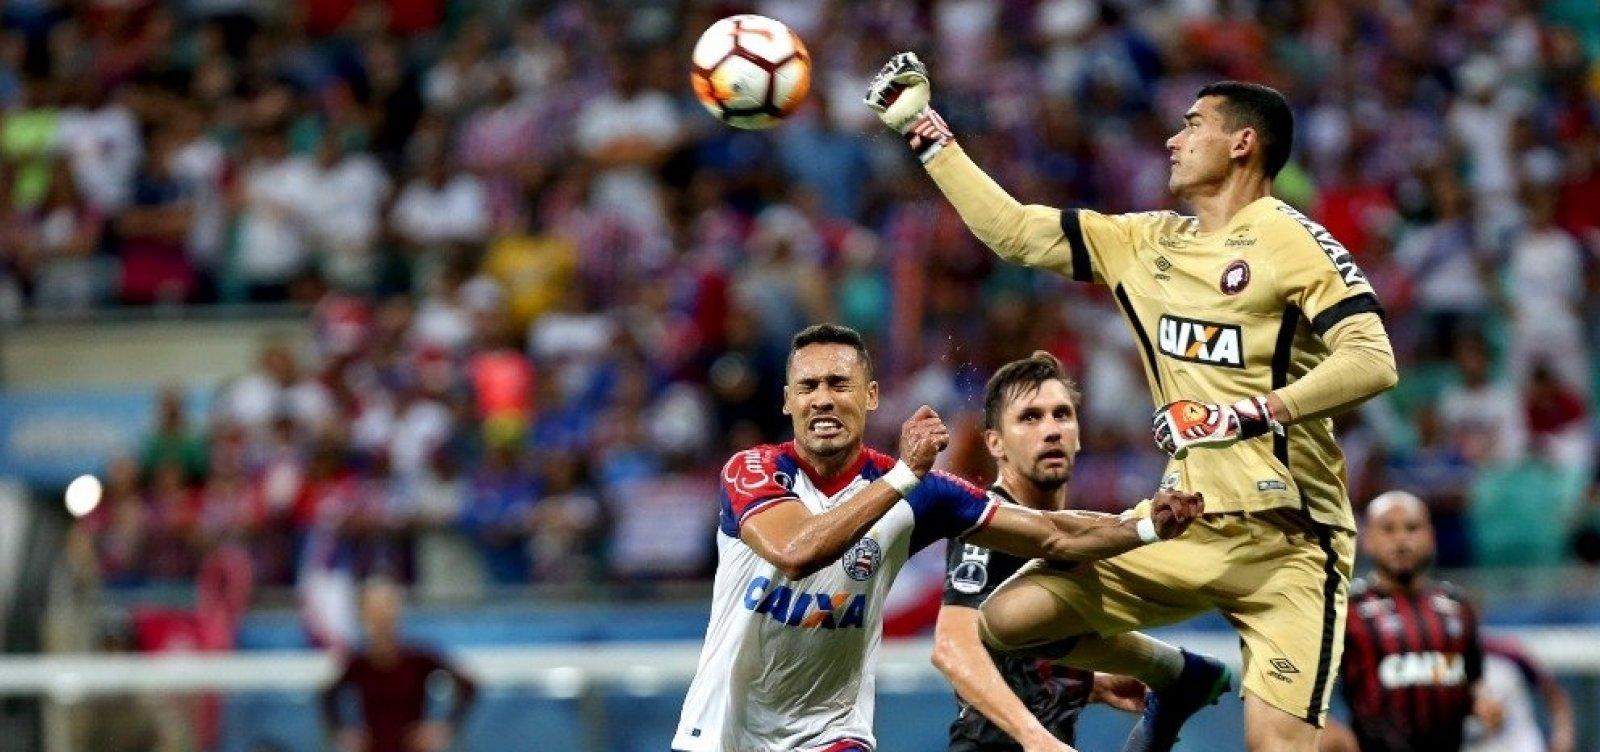 VAR rouba a cena e Bahia perde para o Atlético-PR por 1 a 0 na Sul-Americana